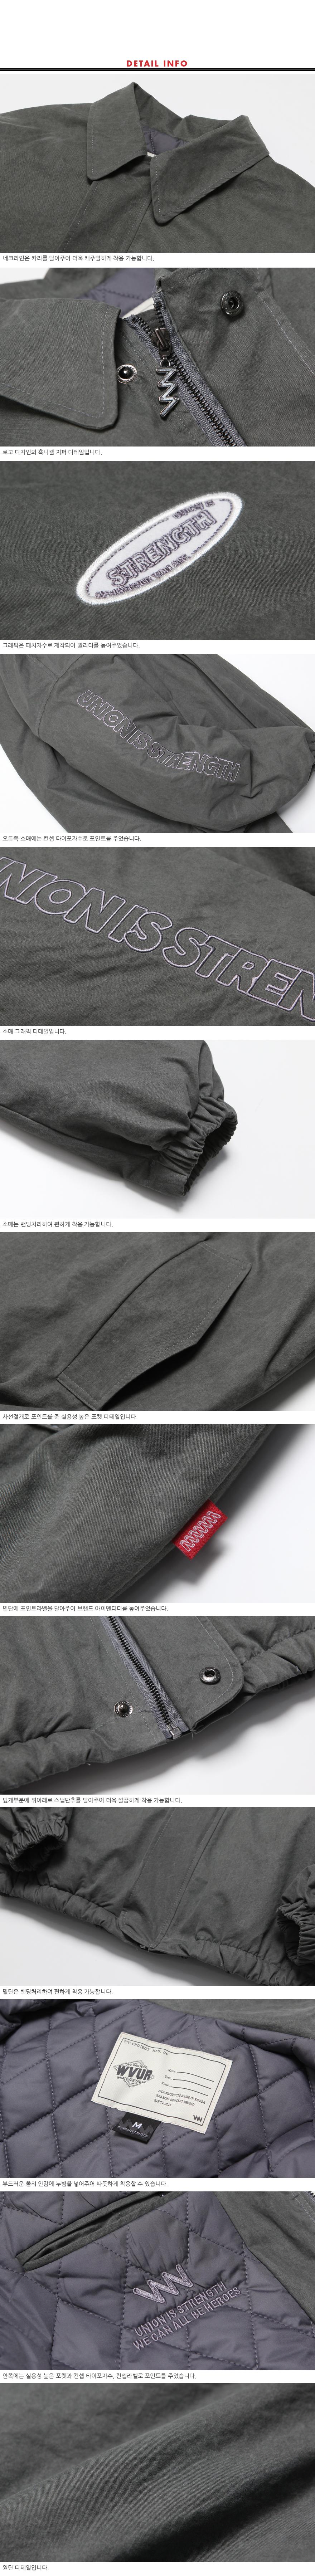 MJJK7218_detail_charcoal.jpg